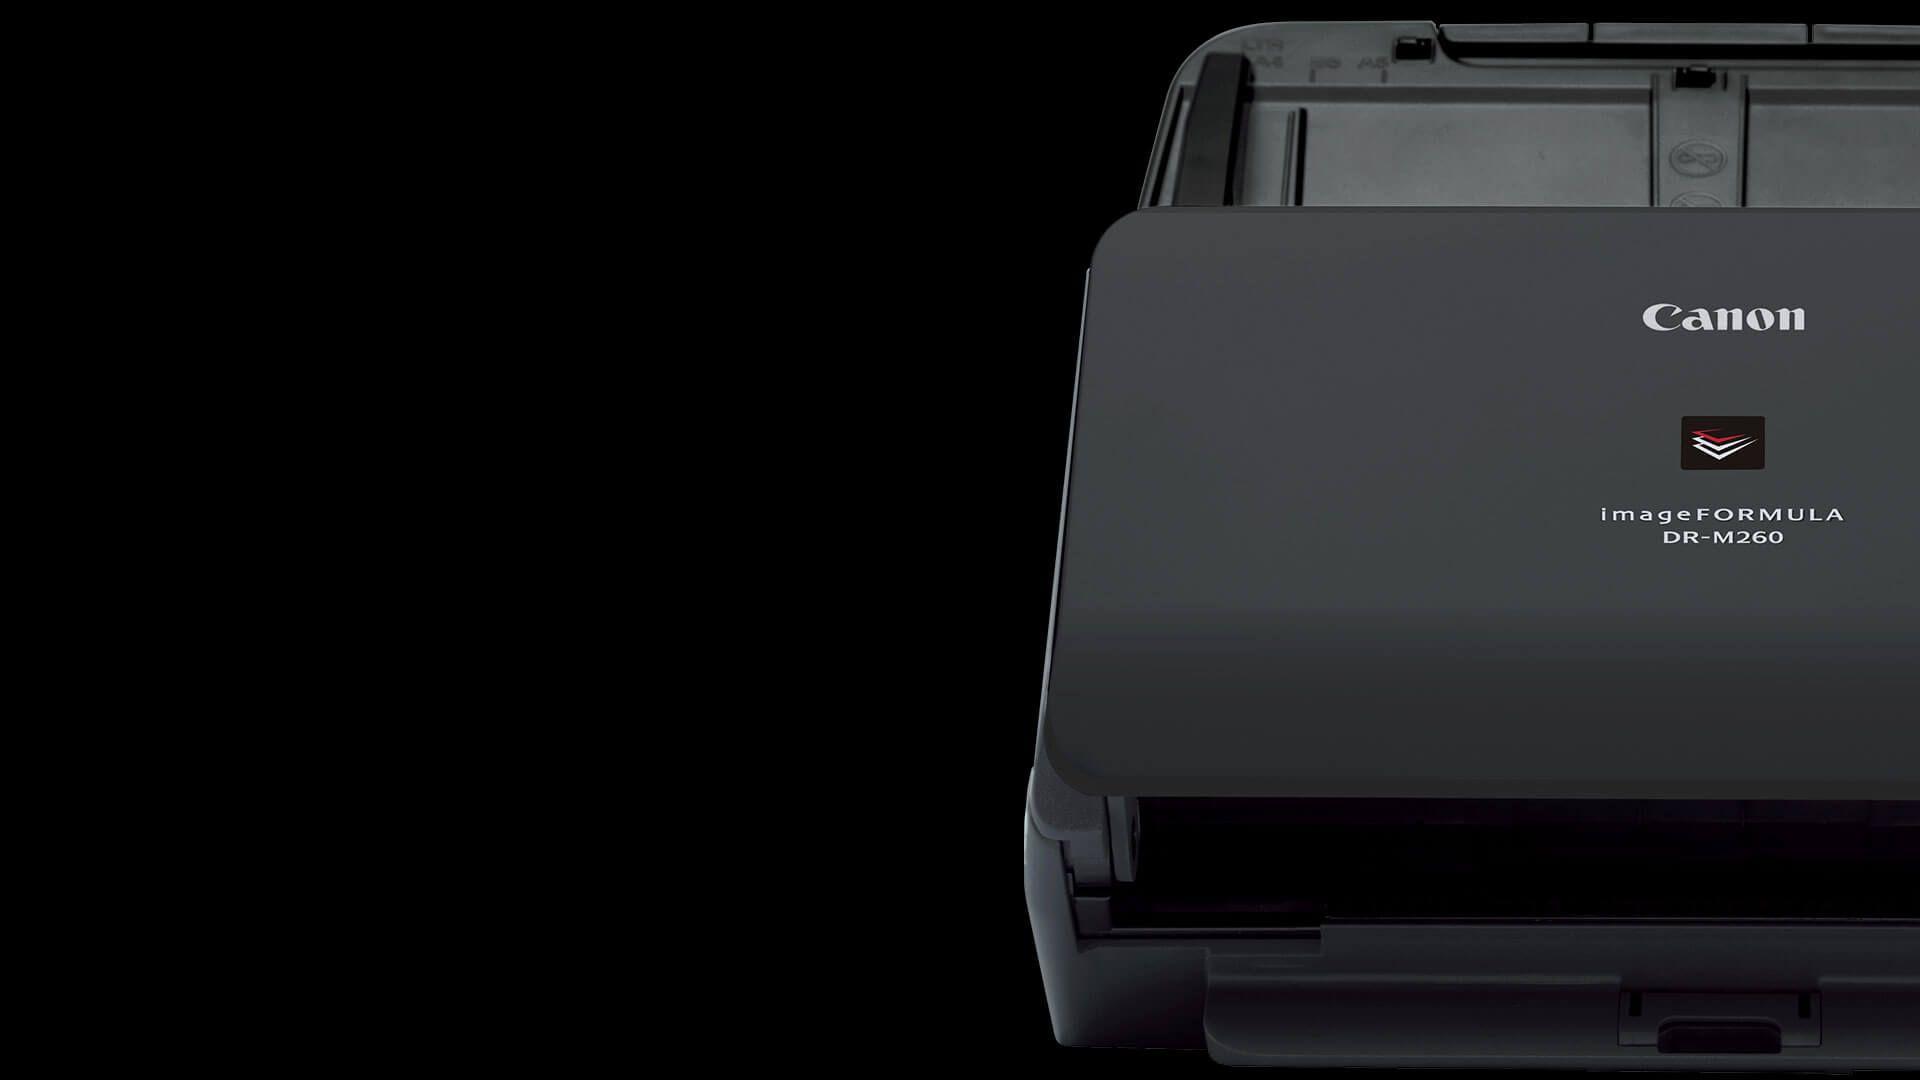 Доскональная обработка. Почему сканеры необходимы бизнесу в 2017 году? - 7